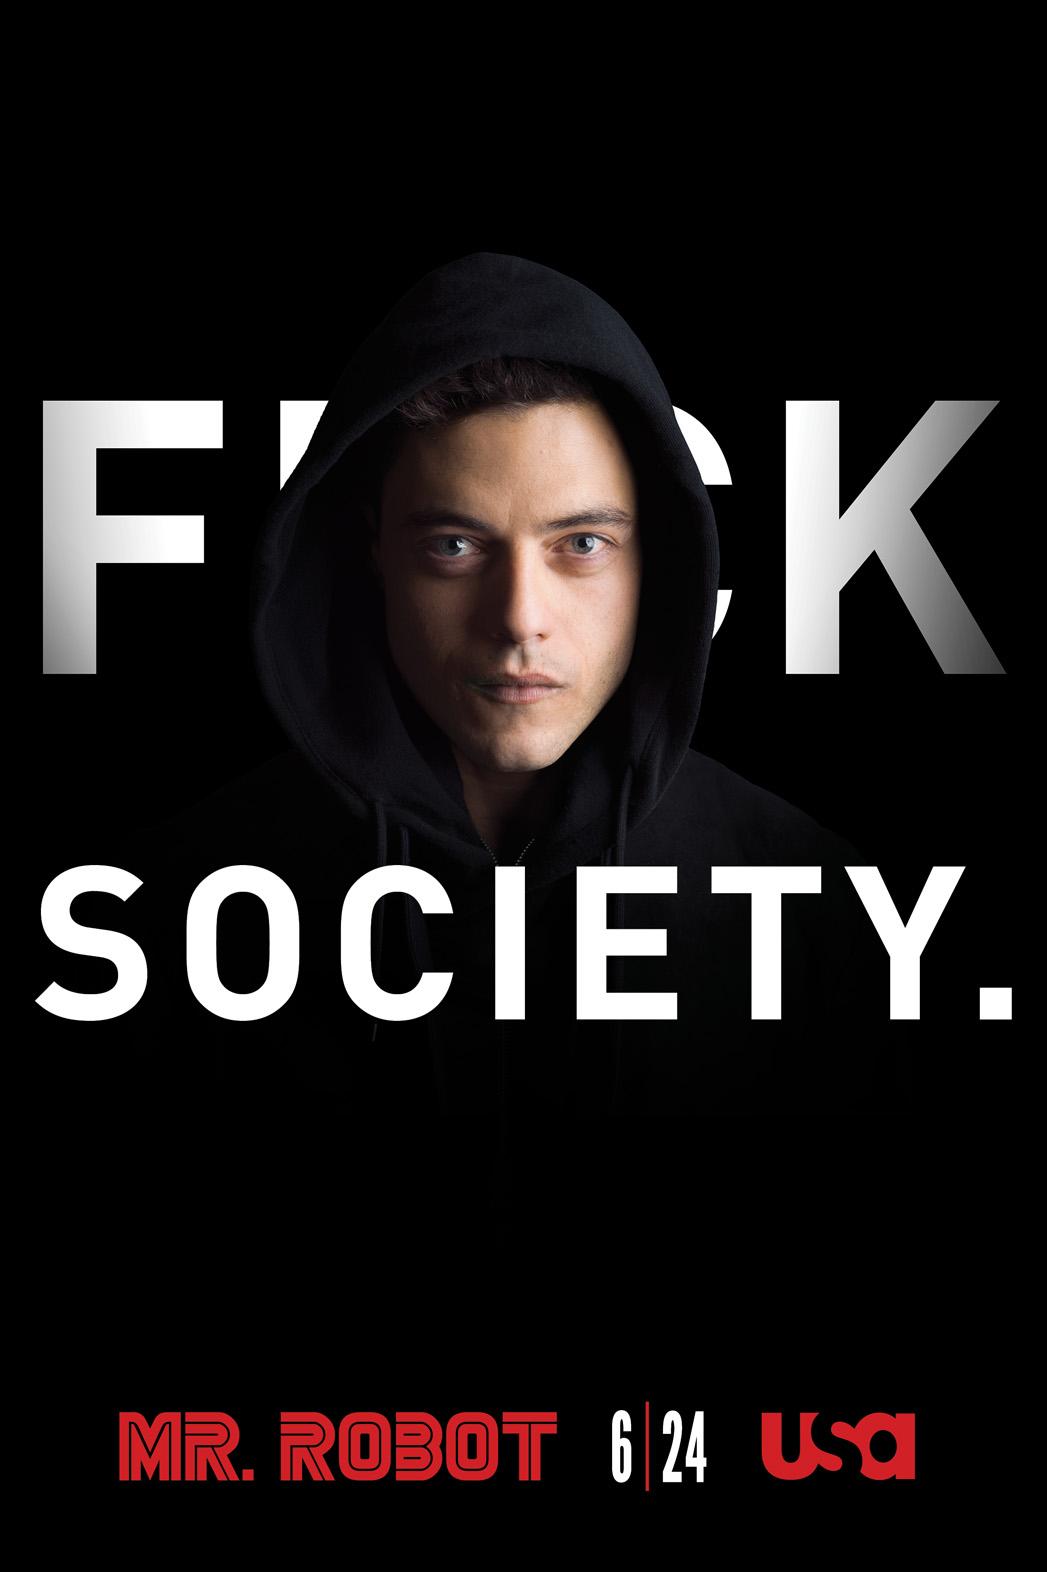 mr_robot_fuck_society-poster.jpg